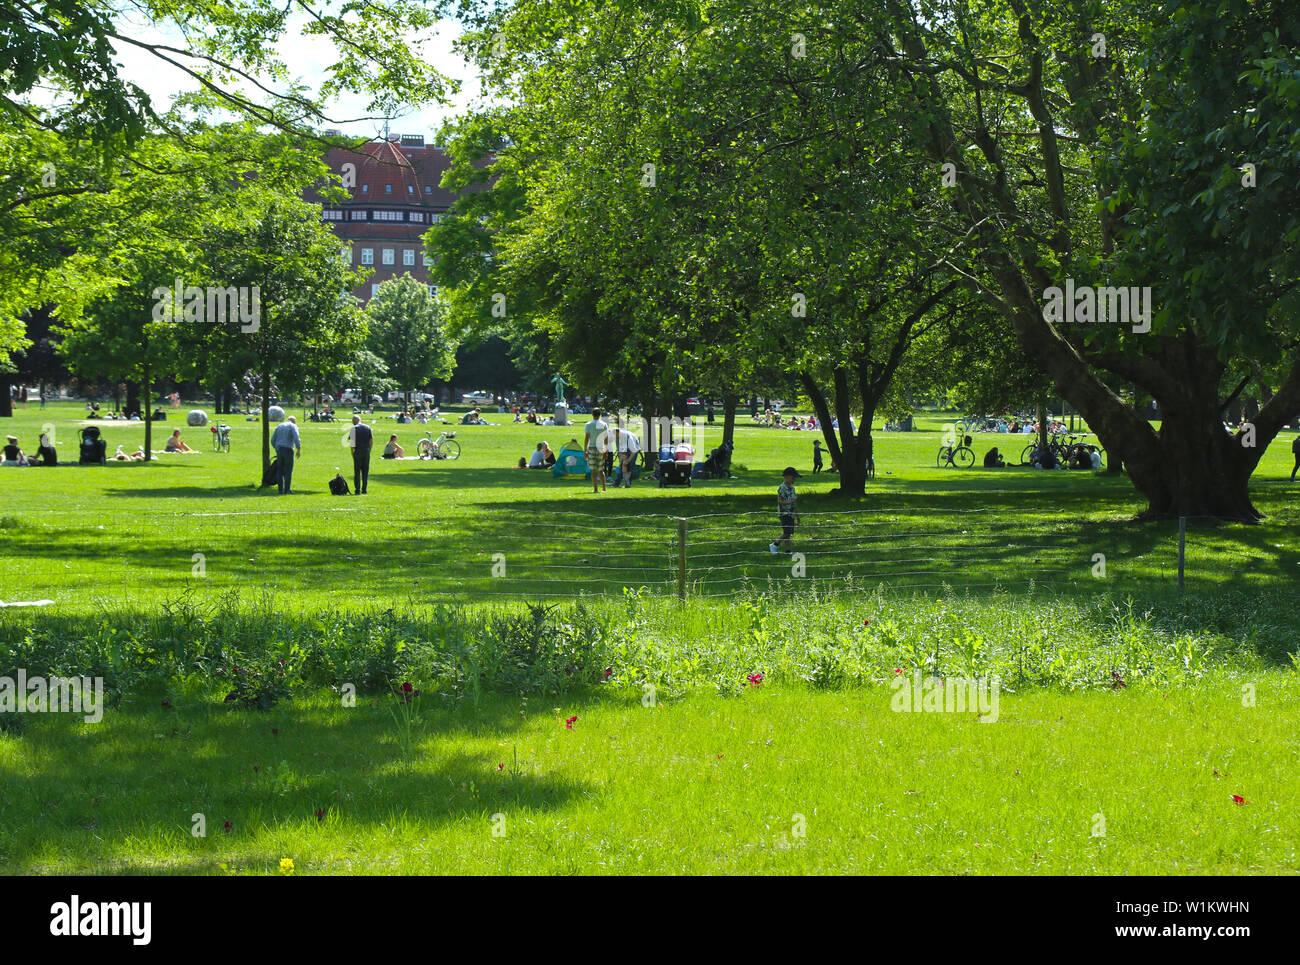 Copenhague, Dinamarca - 16 de junio de 2019 verano hermosa vista del jardín del rey, cerca del castillo de Rosenborg, en el centro de Copenhague estableció desde principios de 17t Foto de stock